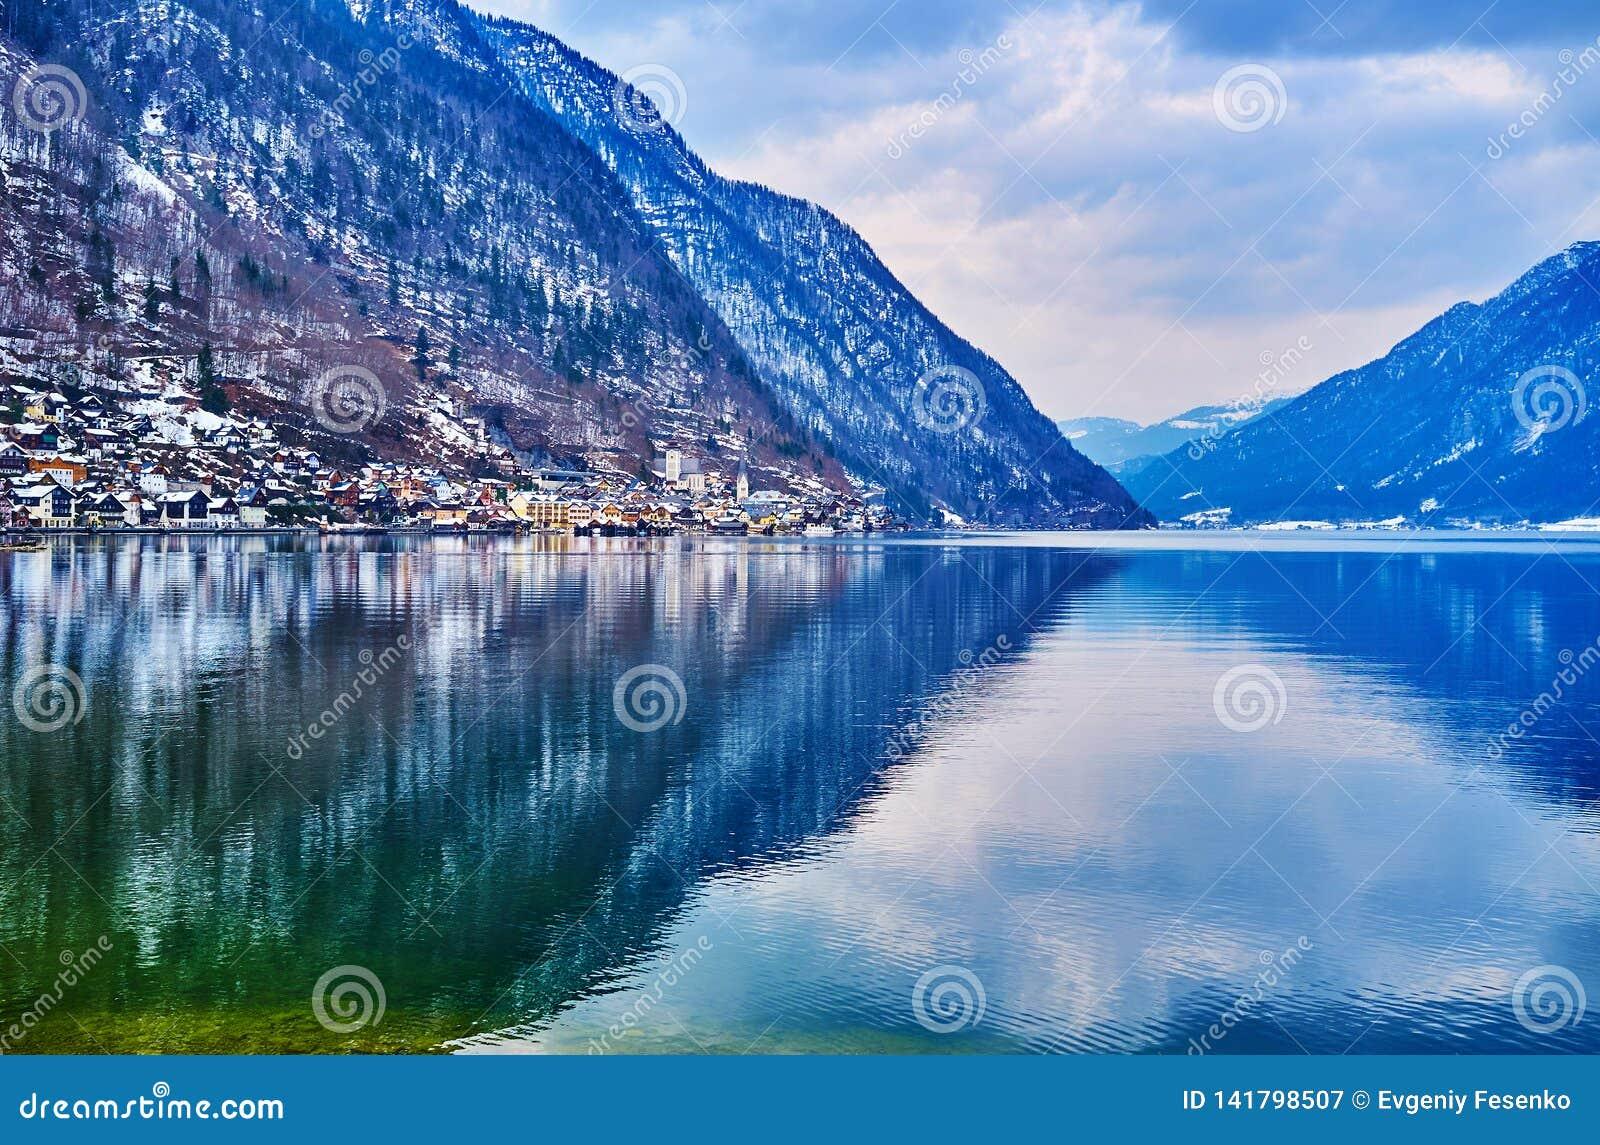 Las montañas alrededor del lago Hallstattersee, Salzkammergut, Austria